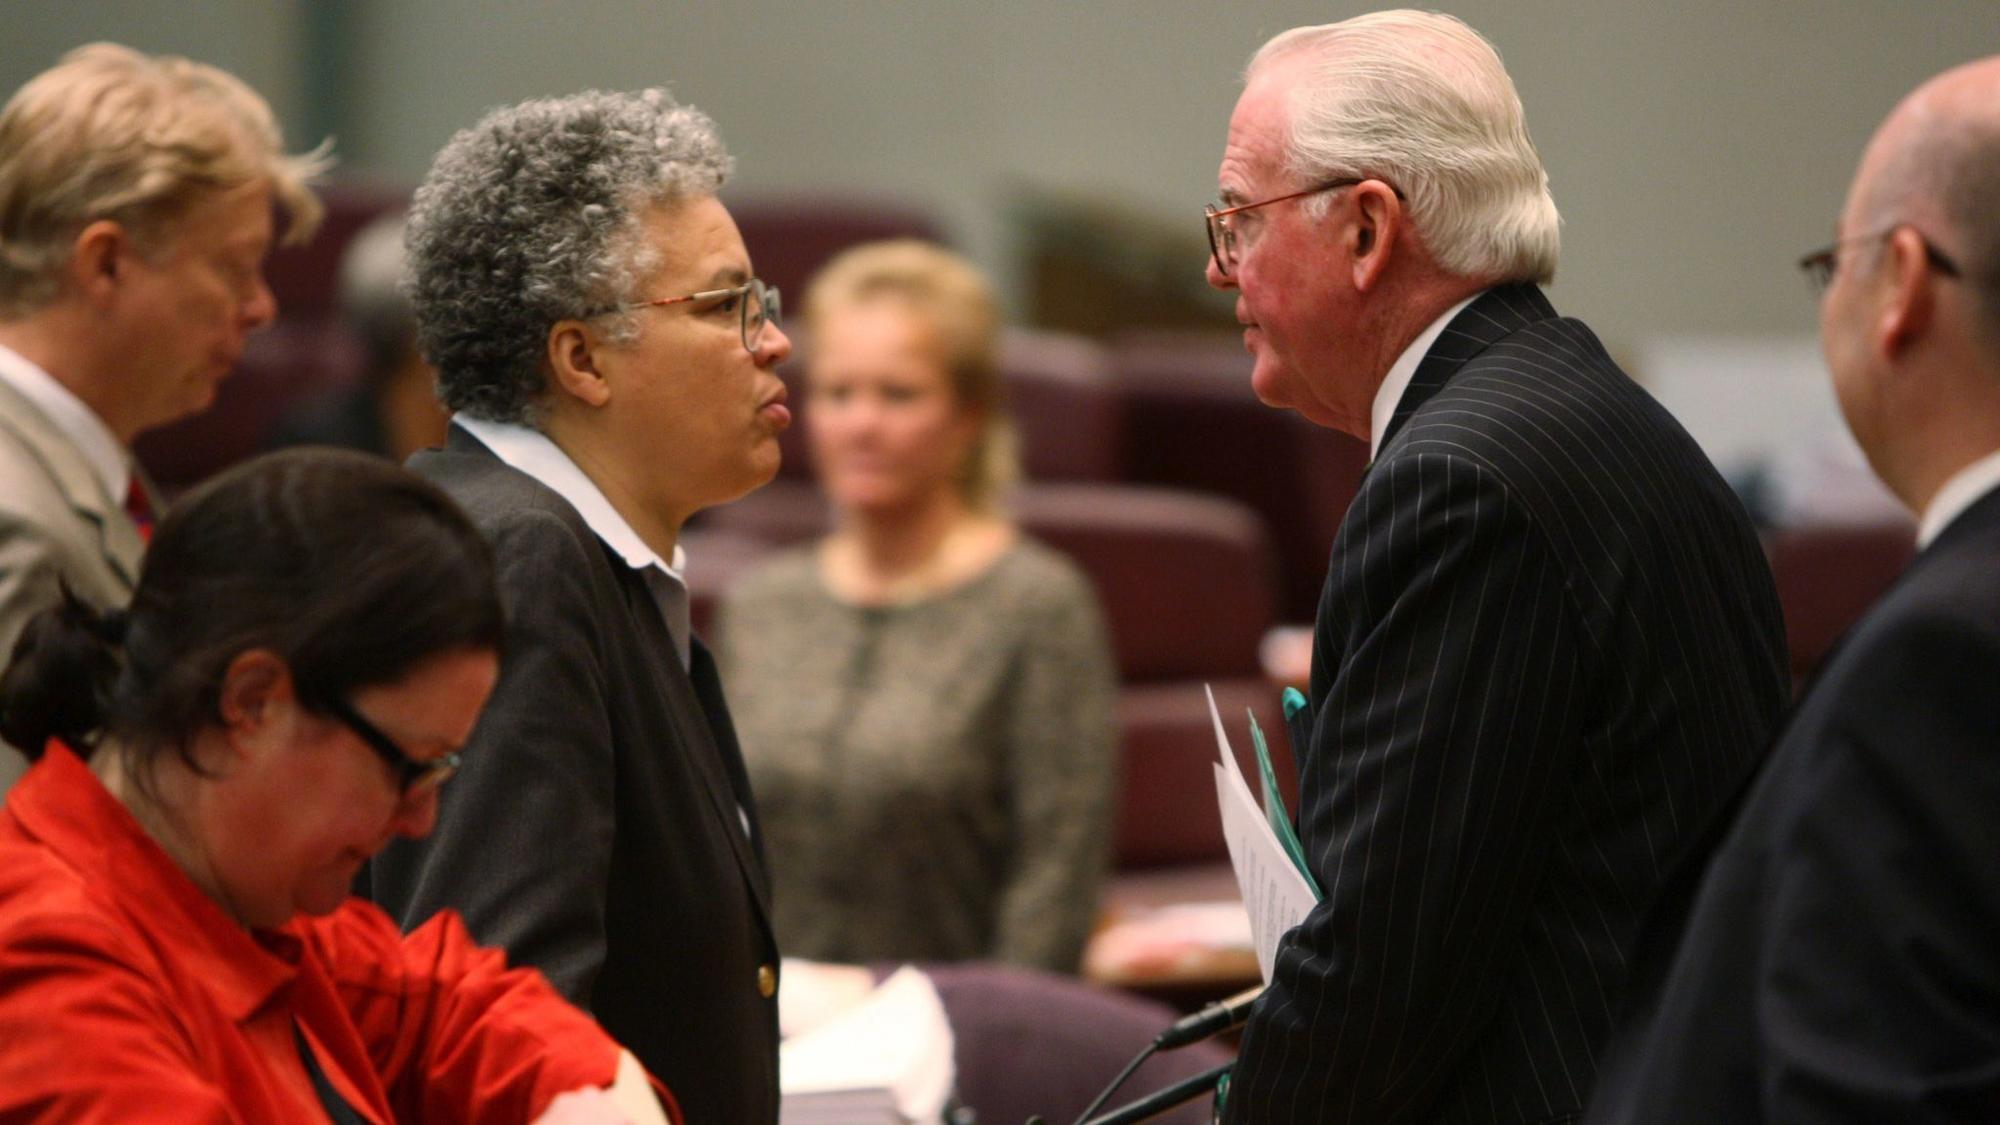 Finansowe powiązania ze skorumpowanym radnym mogą zniszczyć polityczną karierę Toni Preckwinkle